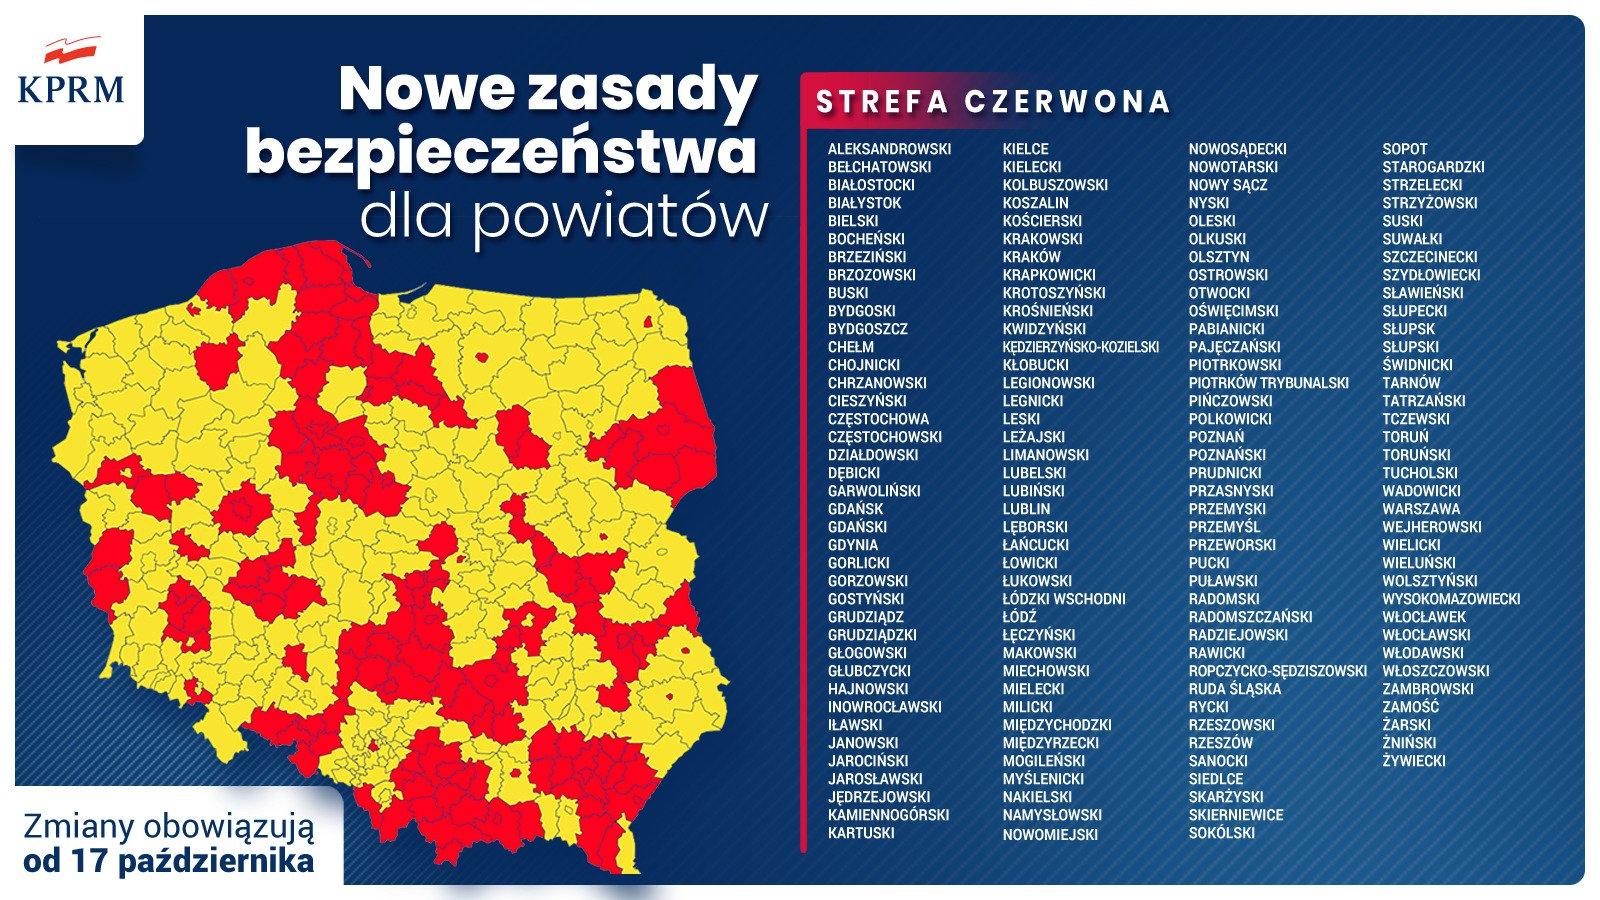 strefa czerwona mapa - KPRM